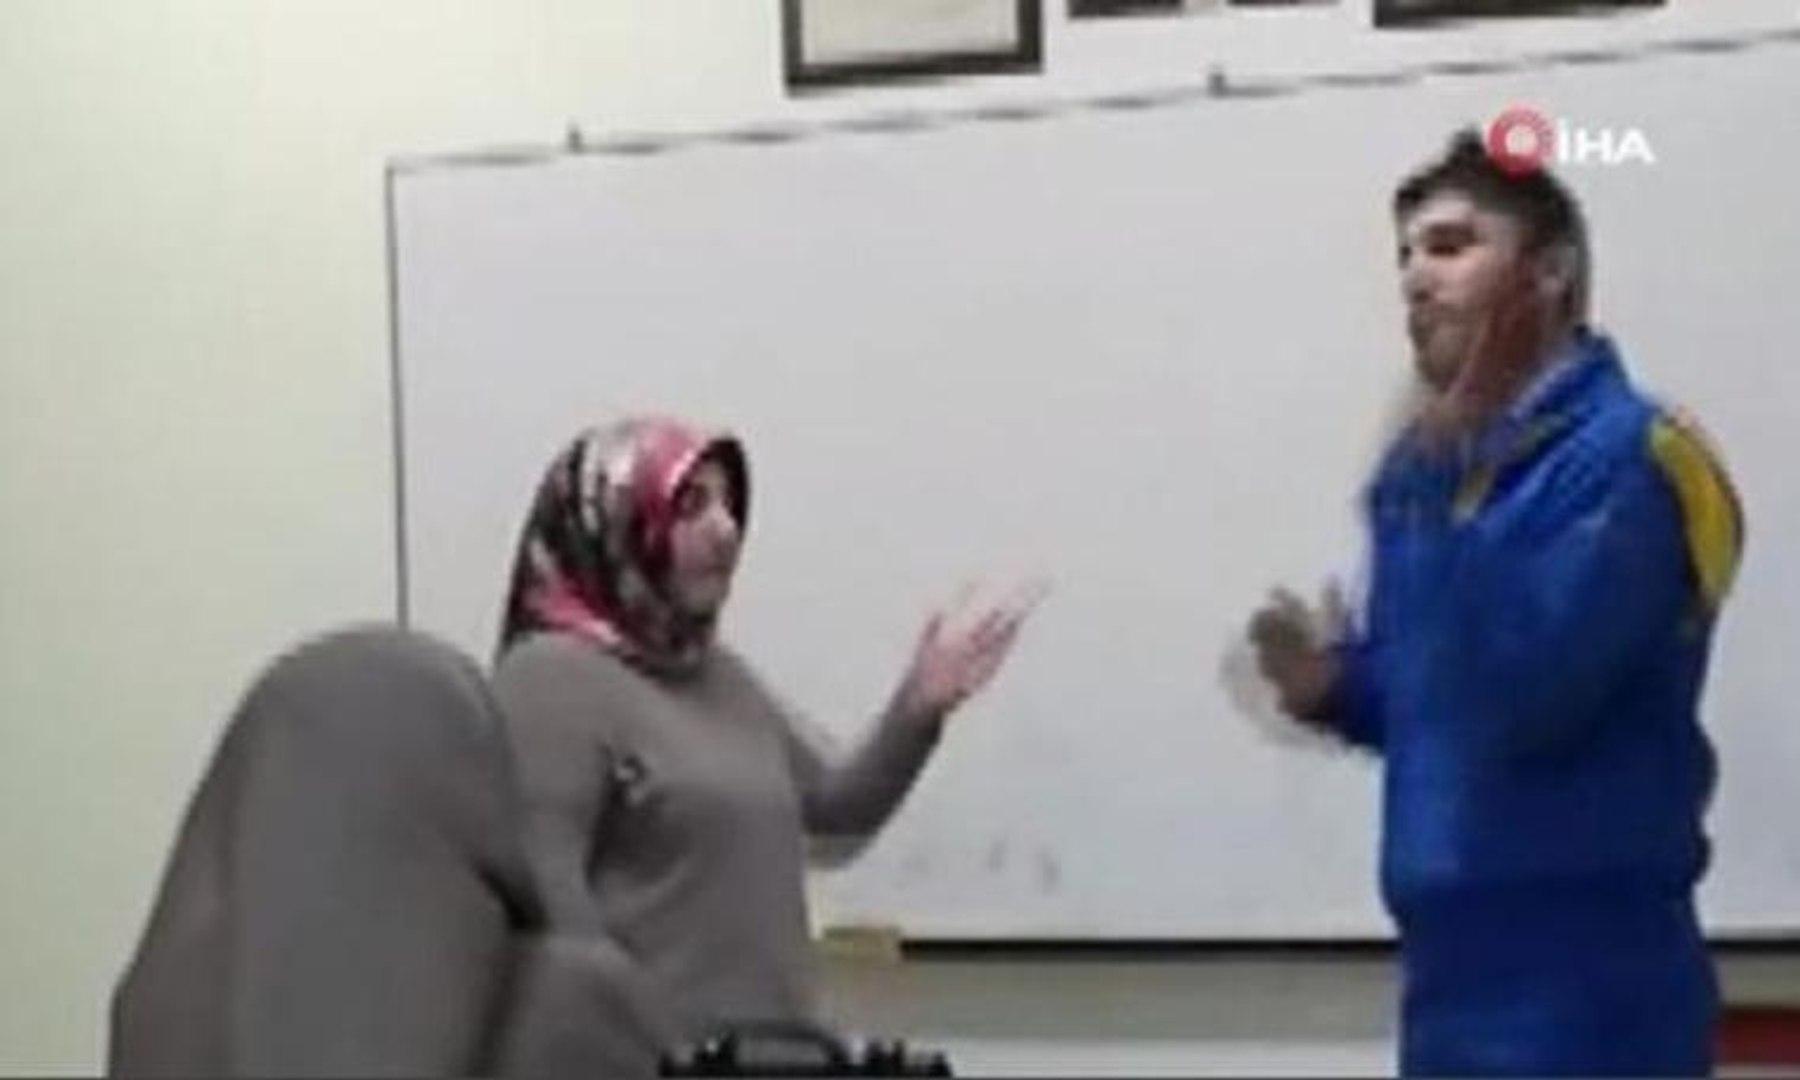 Engelliler sınıfında skandal görüntüler